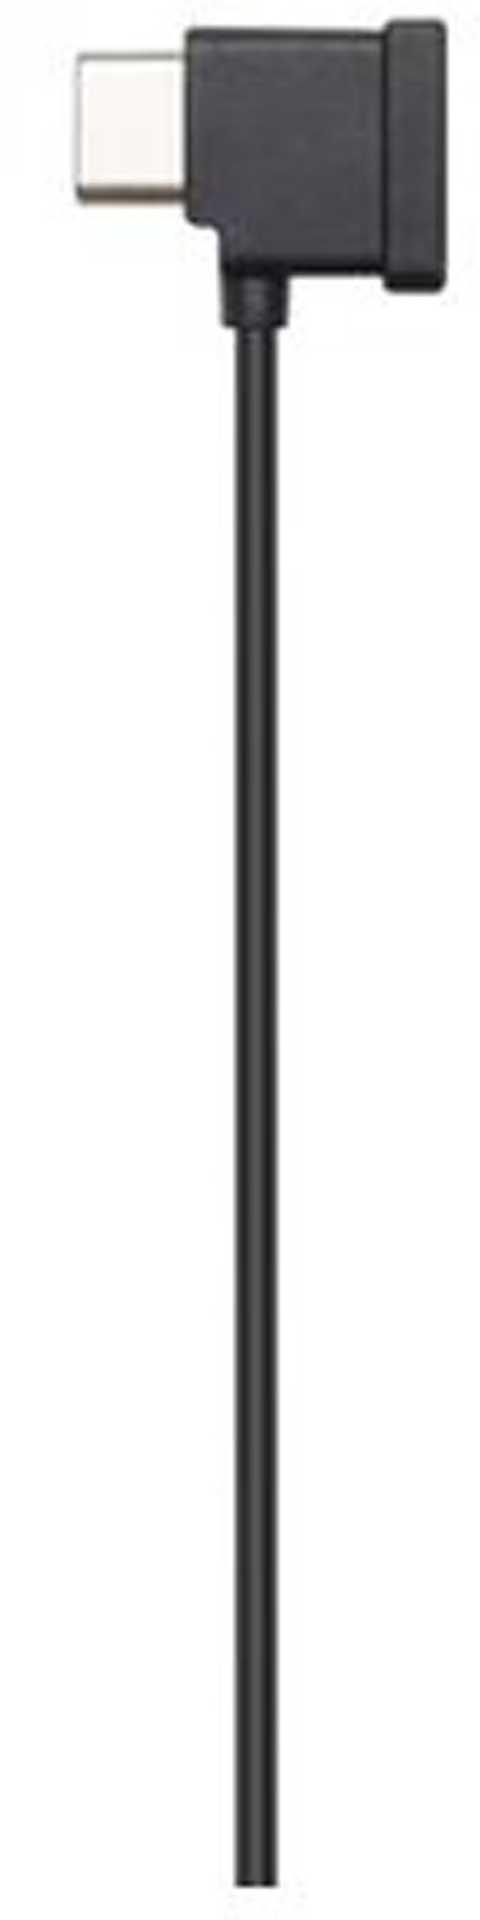 DJI Mini 2 / Mavic Air 2 / Air 2S - RC-N1 RC Kabel (Standard Micro-USB Anschluss)